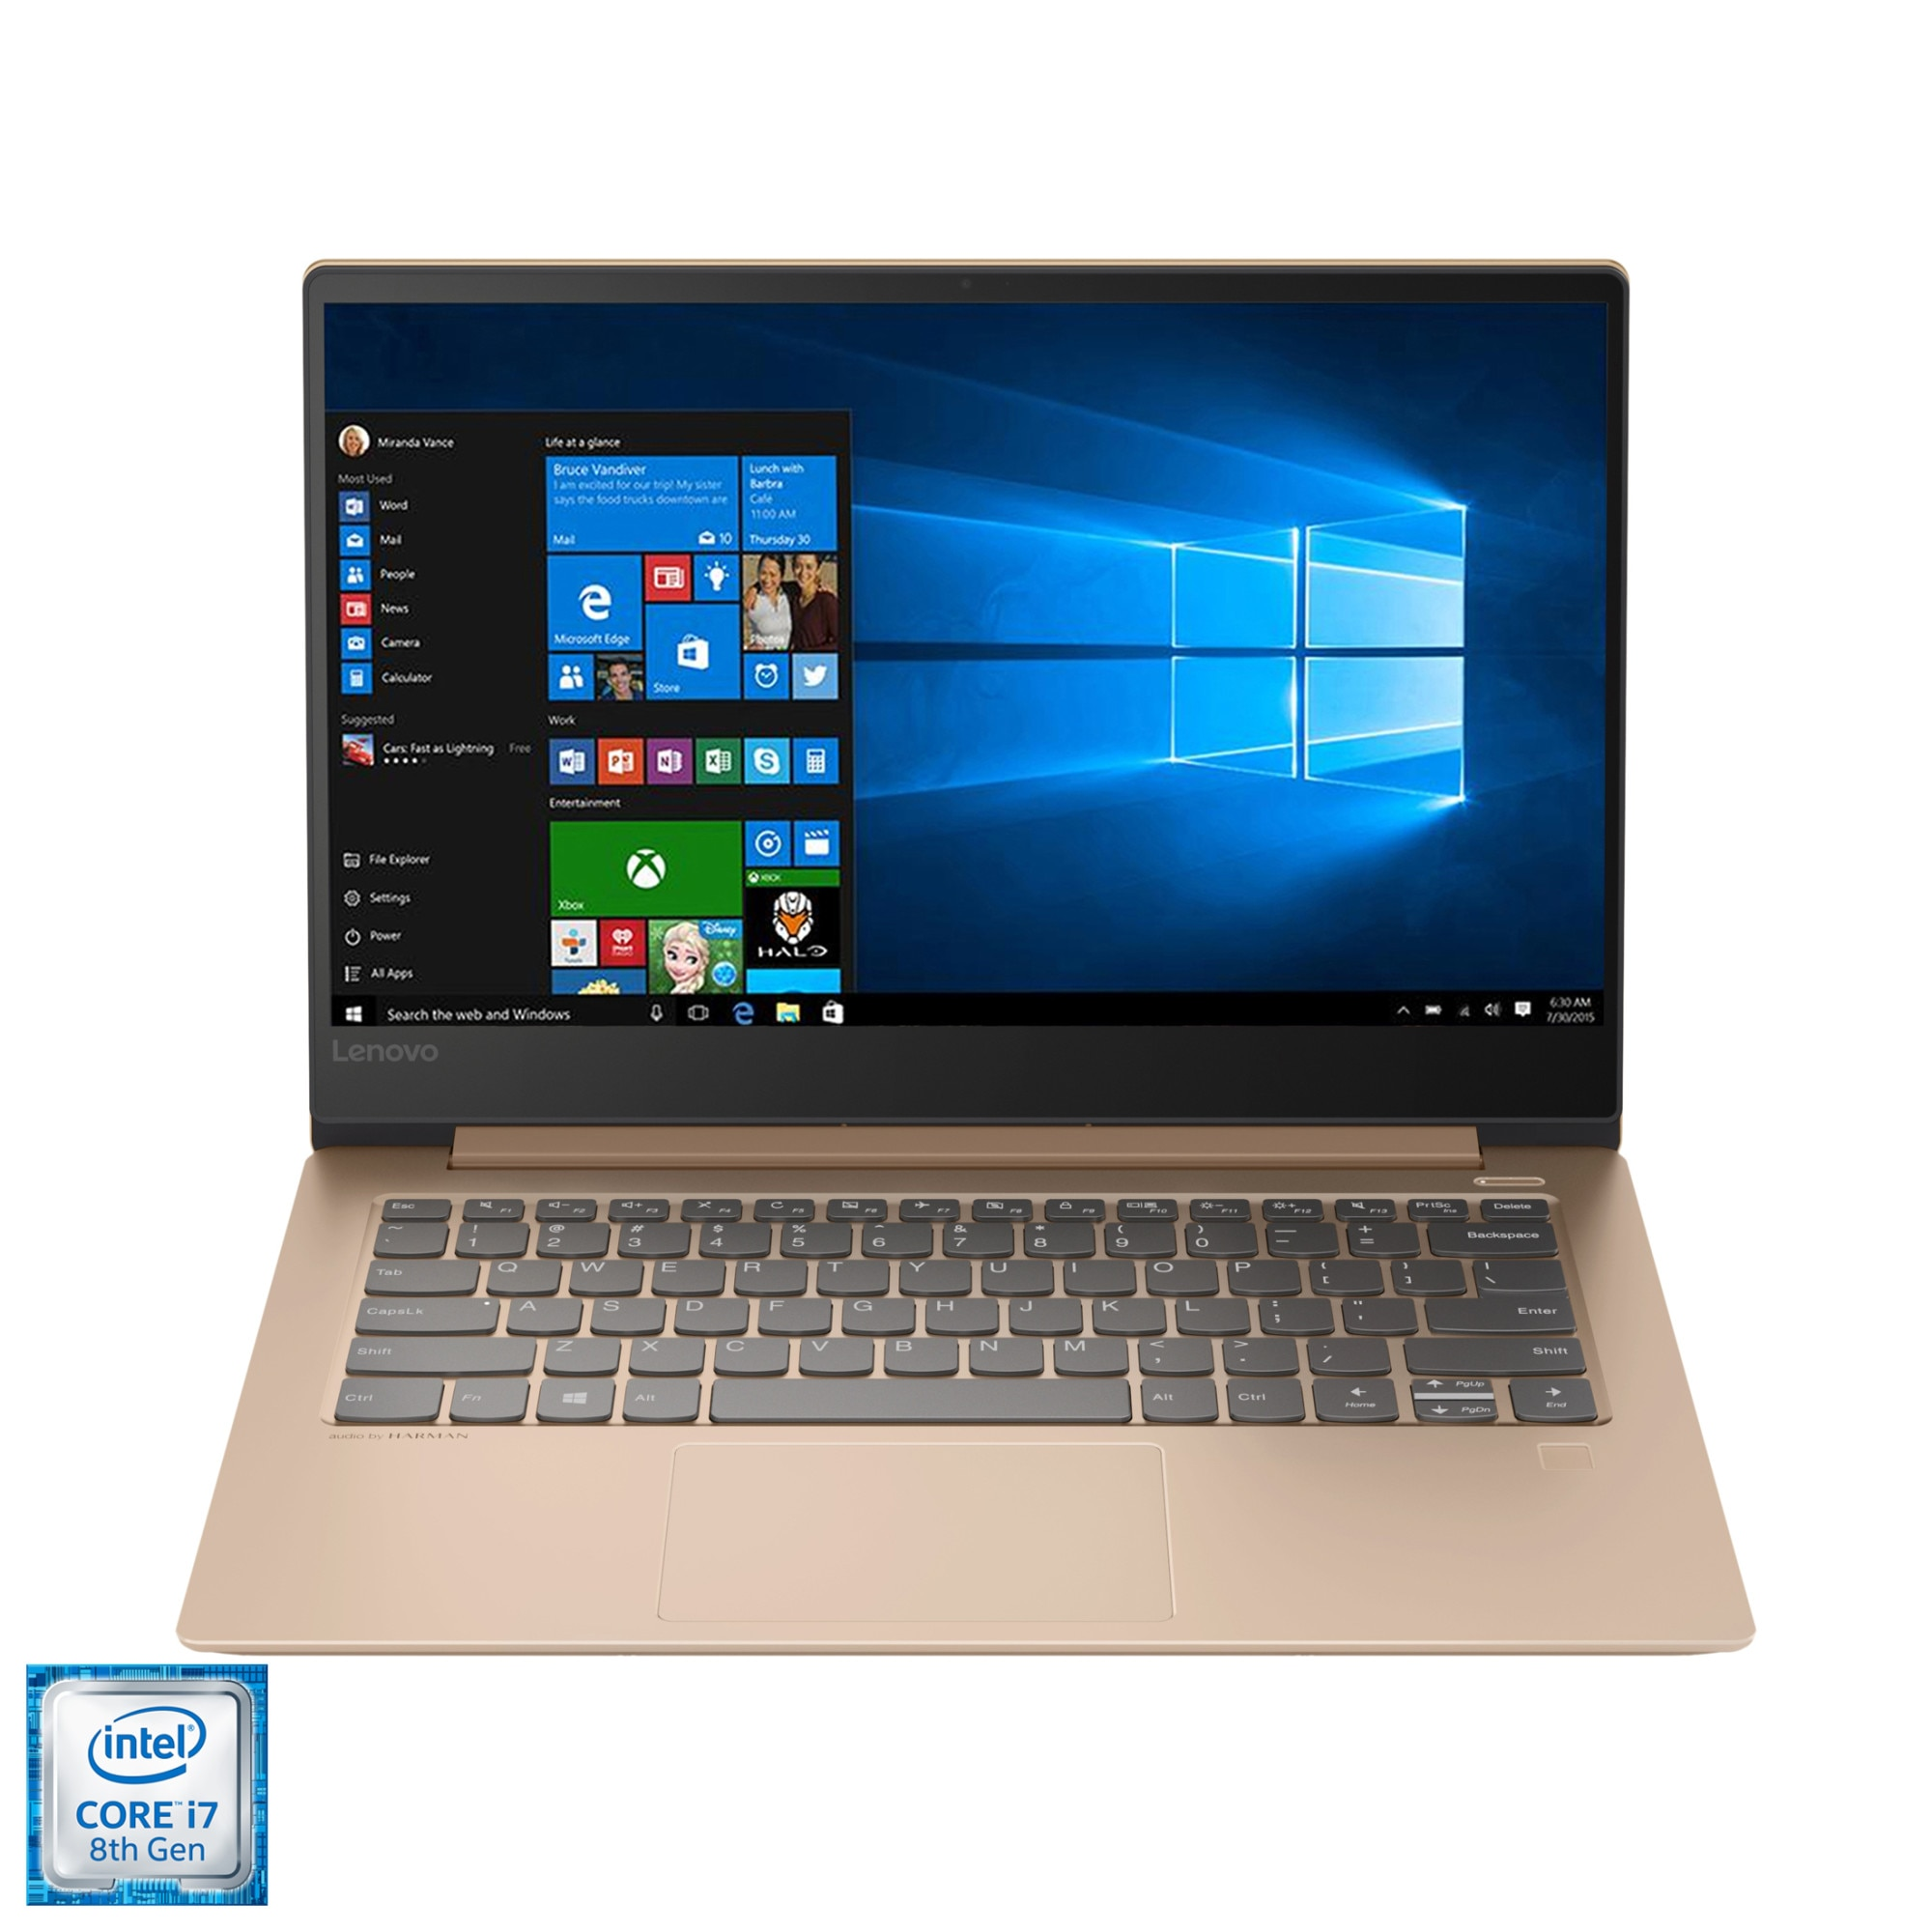 """Fotografie Laptop ultraportabil Lenovo IdeaPad 530S-14IKB cu procesor Intel® Core™ i7-8550U pana la 4.00 GHz, Kaby Lake R, 14"""", WQHD, IPS, 16GB, 512GB SSD, NVIDIA GeForce MX 150 2GB, Microsoft Windows 10, Copper"""